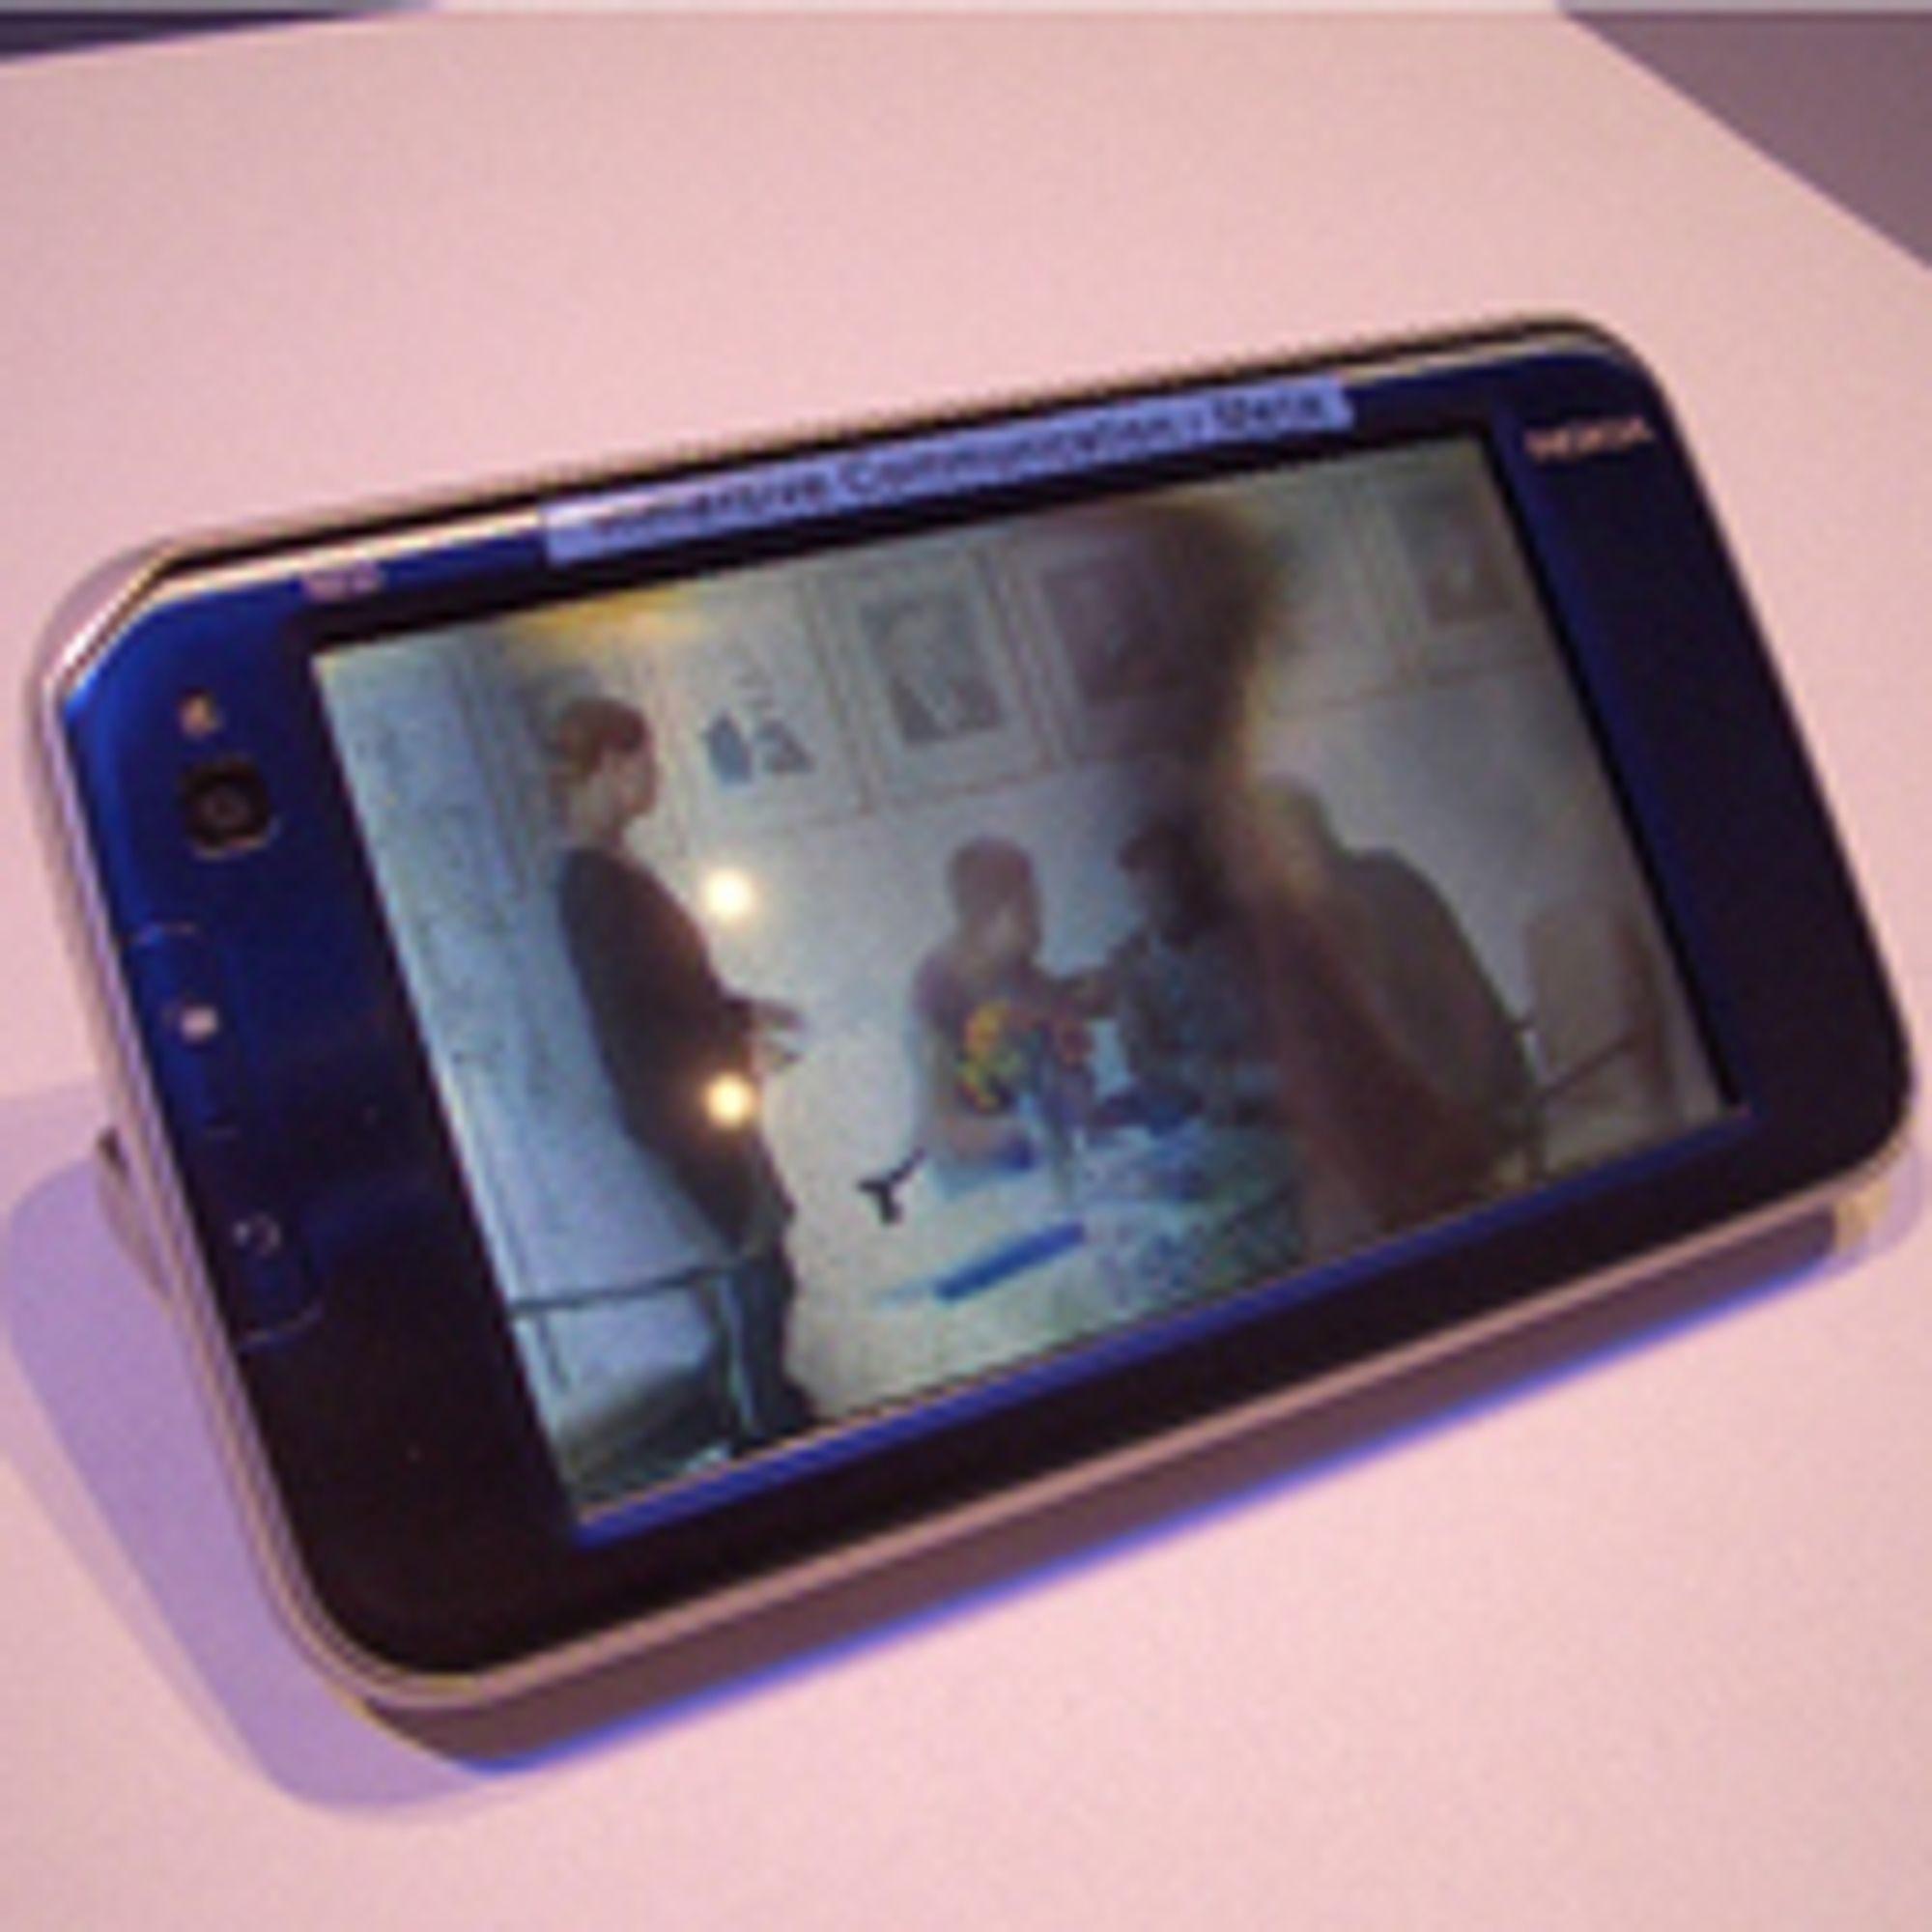 Dette er altså en N810 med 3D-skjerm. 3D-effekten er selvsagt ikke fangen opp av kameraet. (Foto: pocket-lint.com)